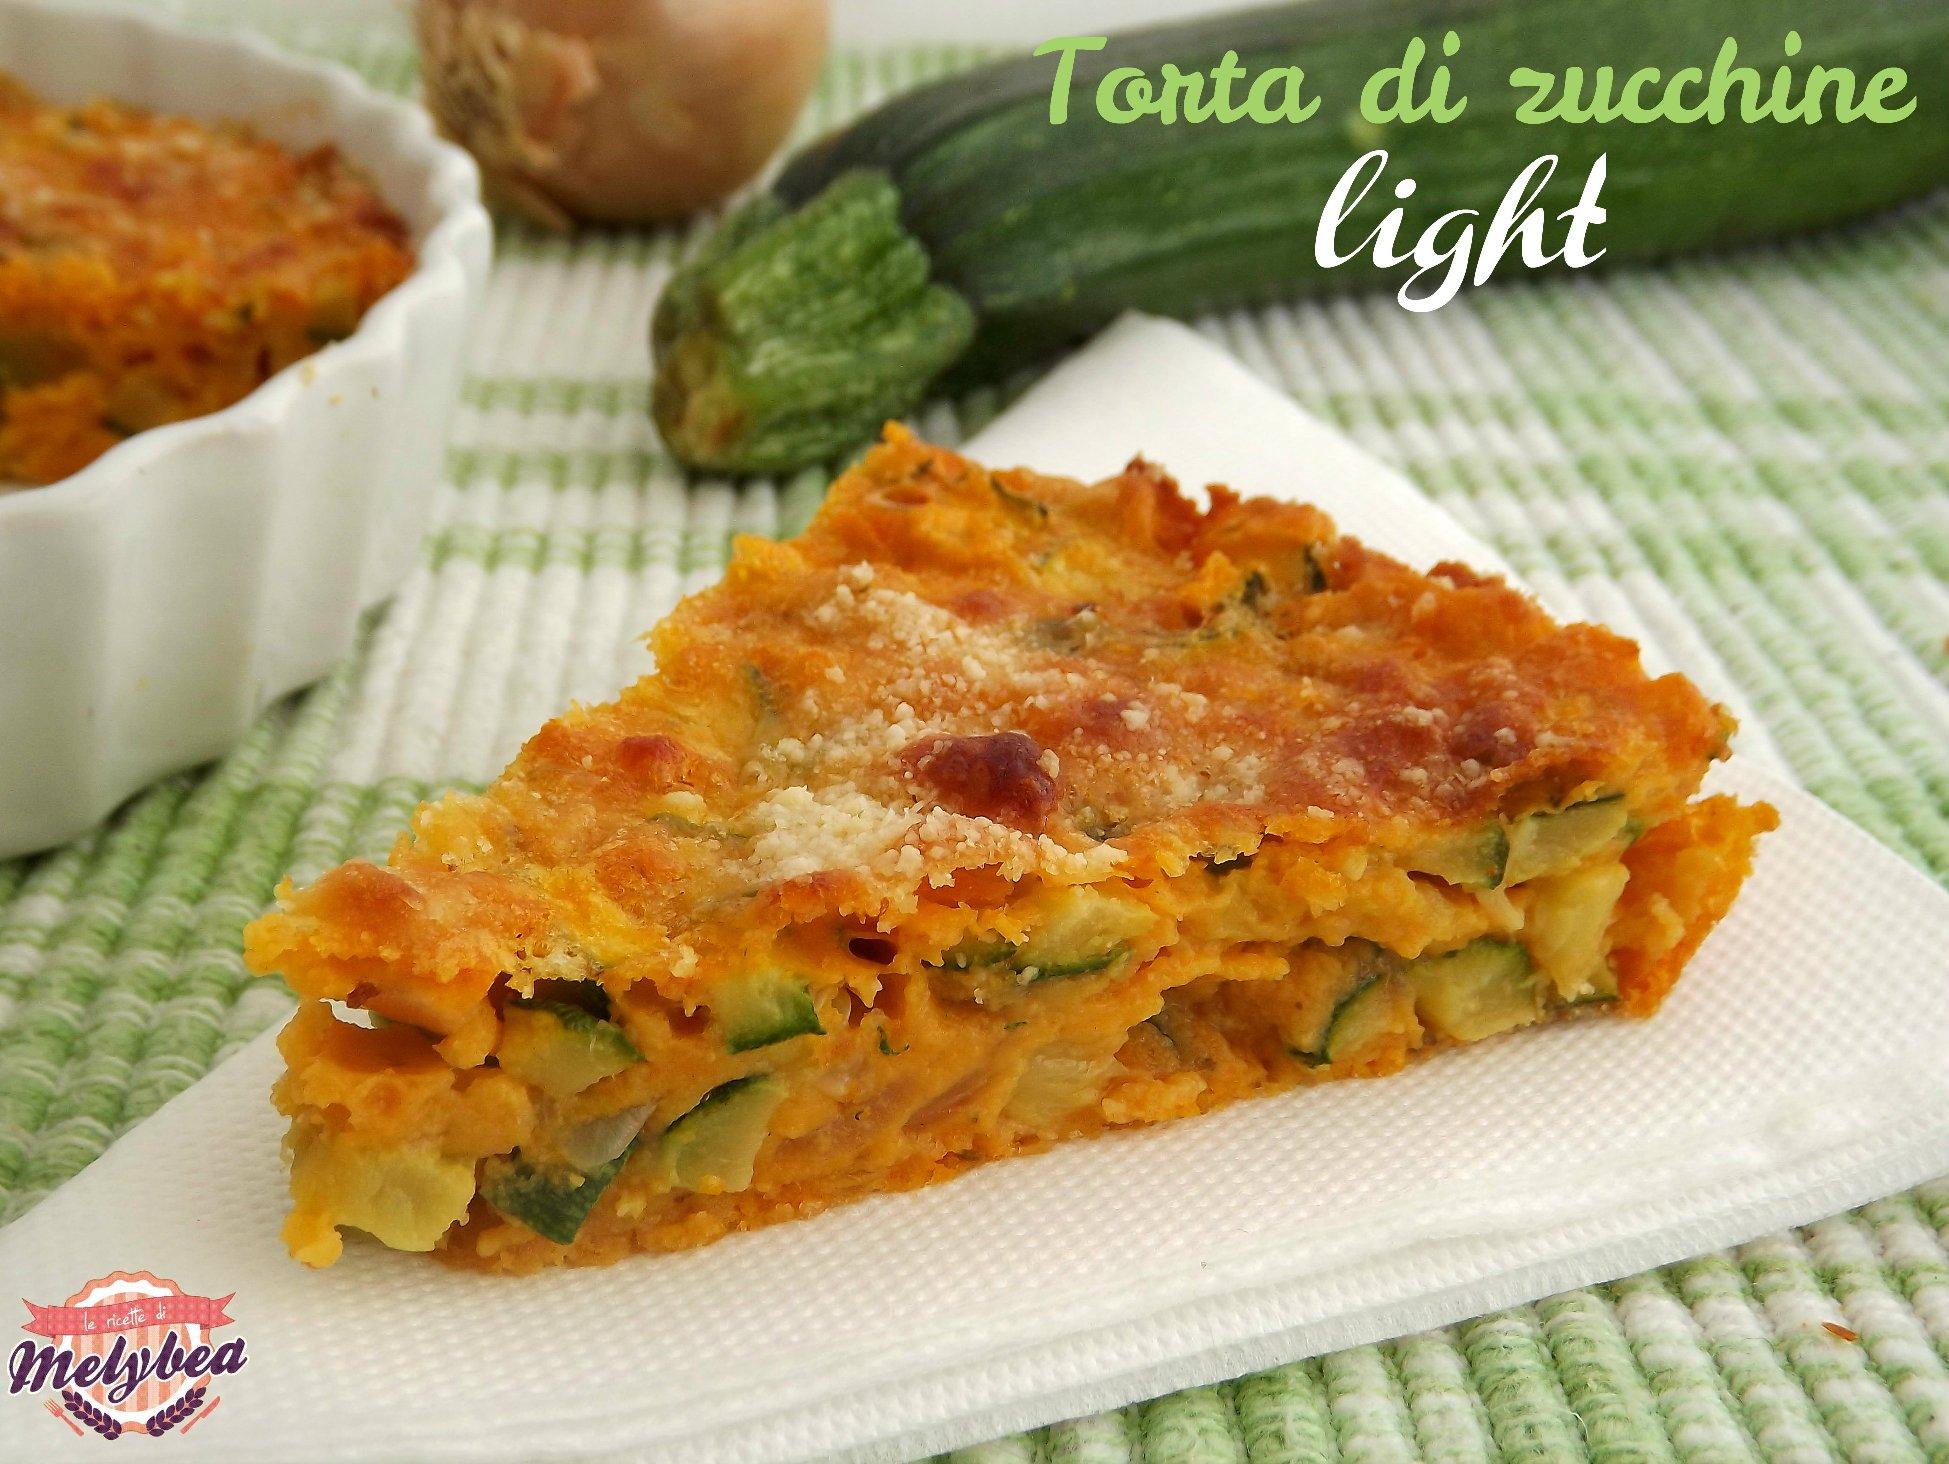 torta di zucchine light